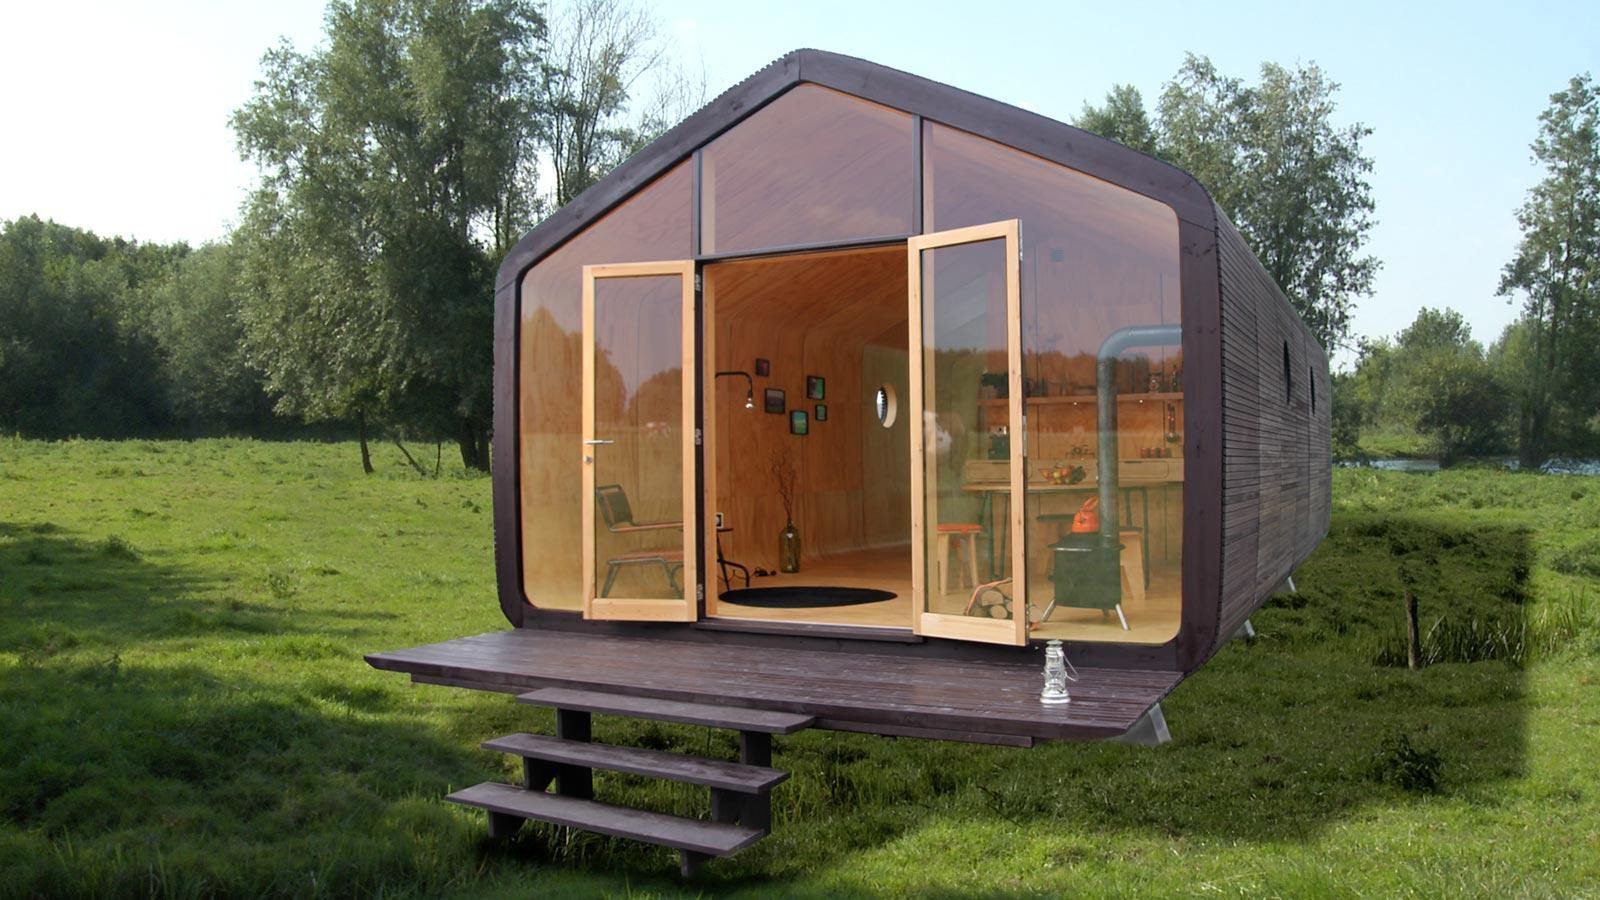 Tine House - Ob als Gartenhaus, Büro oder Show-Room: Das Wikkelhouse ist vielseitig einsetzbar, Tageslicht dringt von vorn und durch die seitlichen Bullaugen